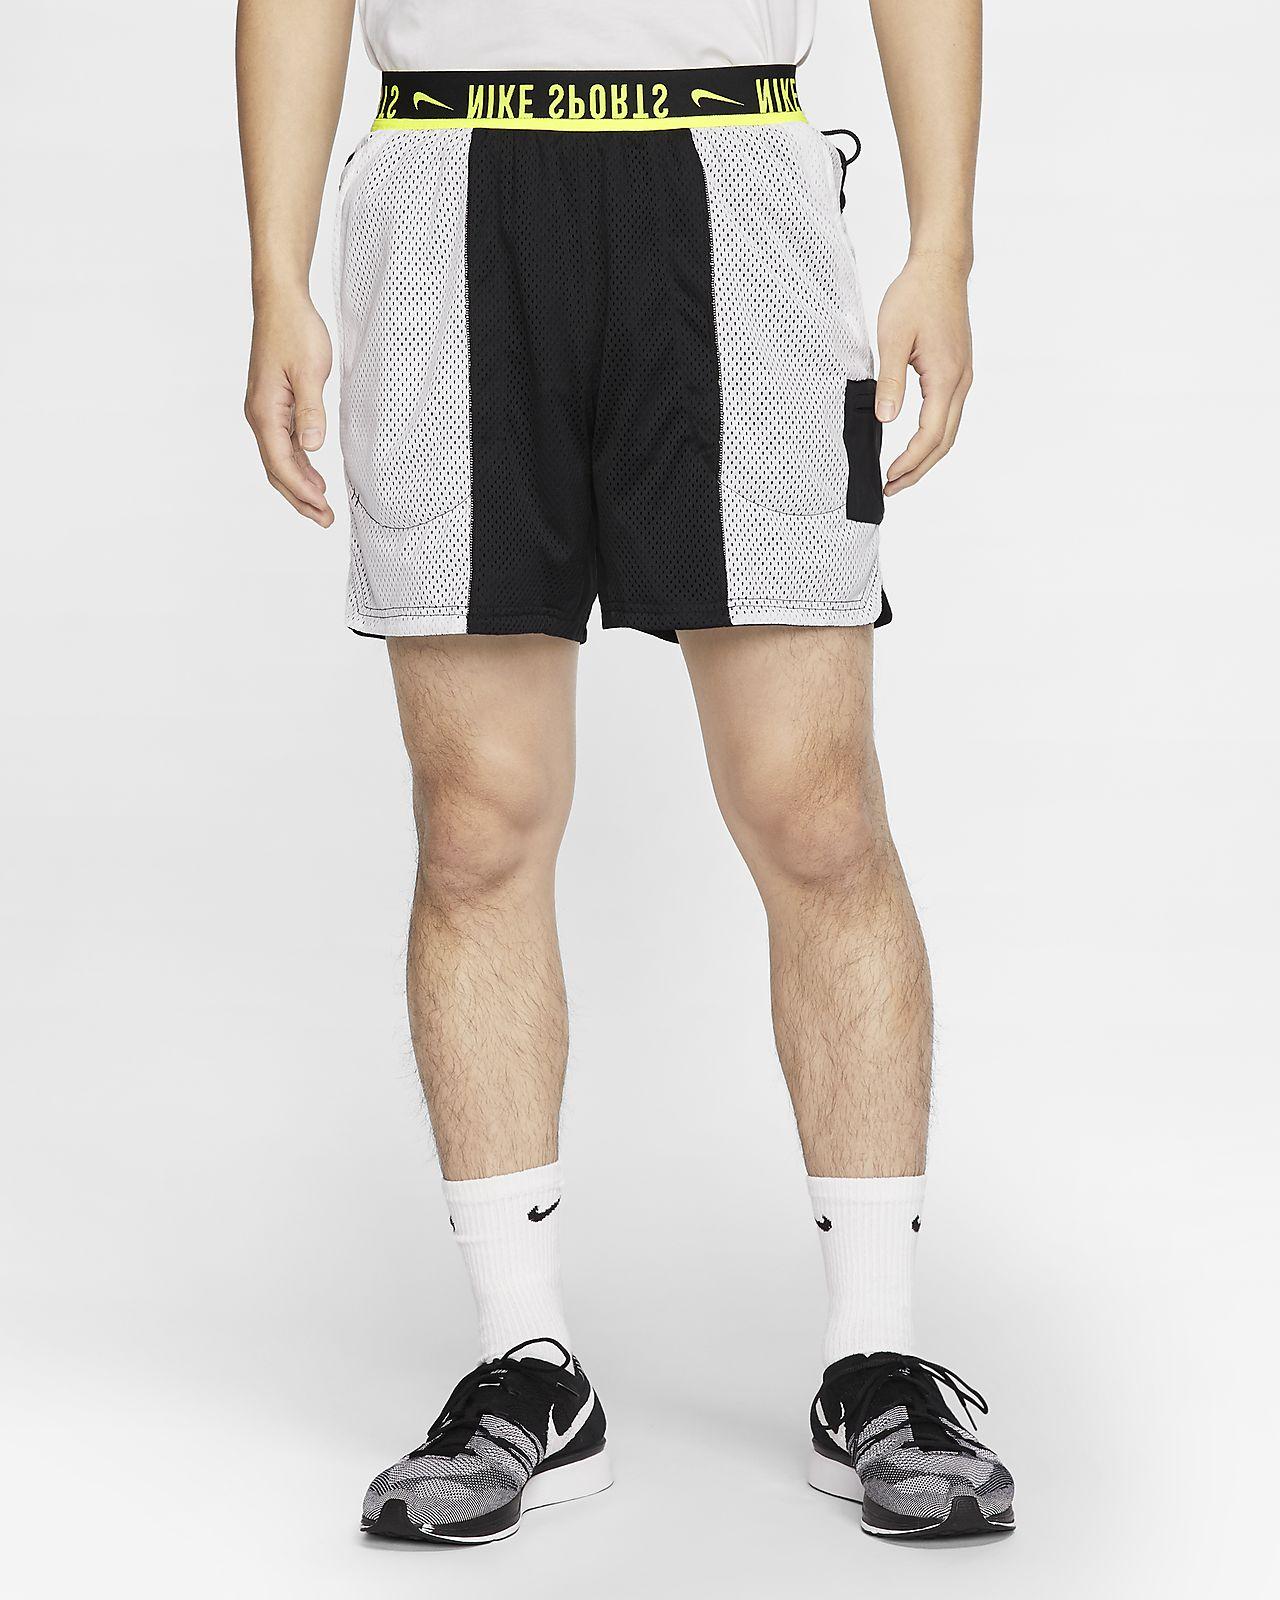 กางเกงเทรนนิ่งขาสั้นผู้ชายใส่ได้ 2 ด้าน Nike